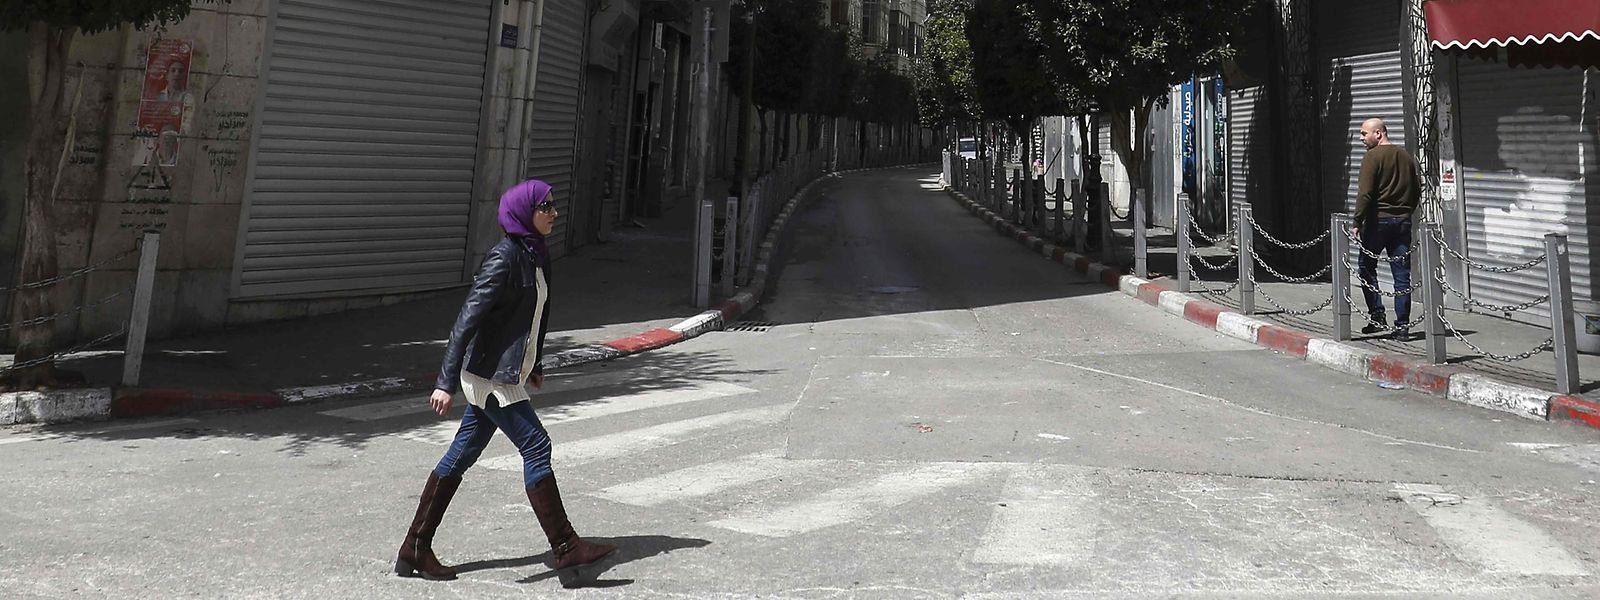 Les rues de Ramallah sont particulièrement désertes ce lundi matin.